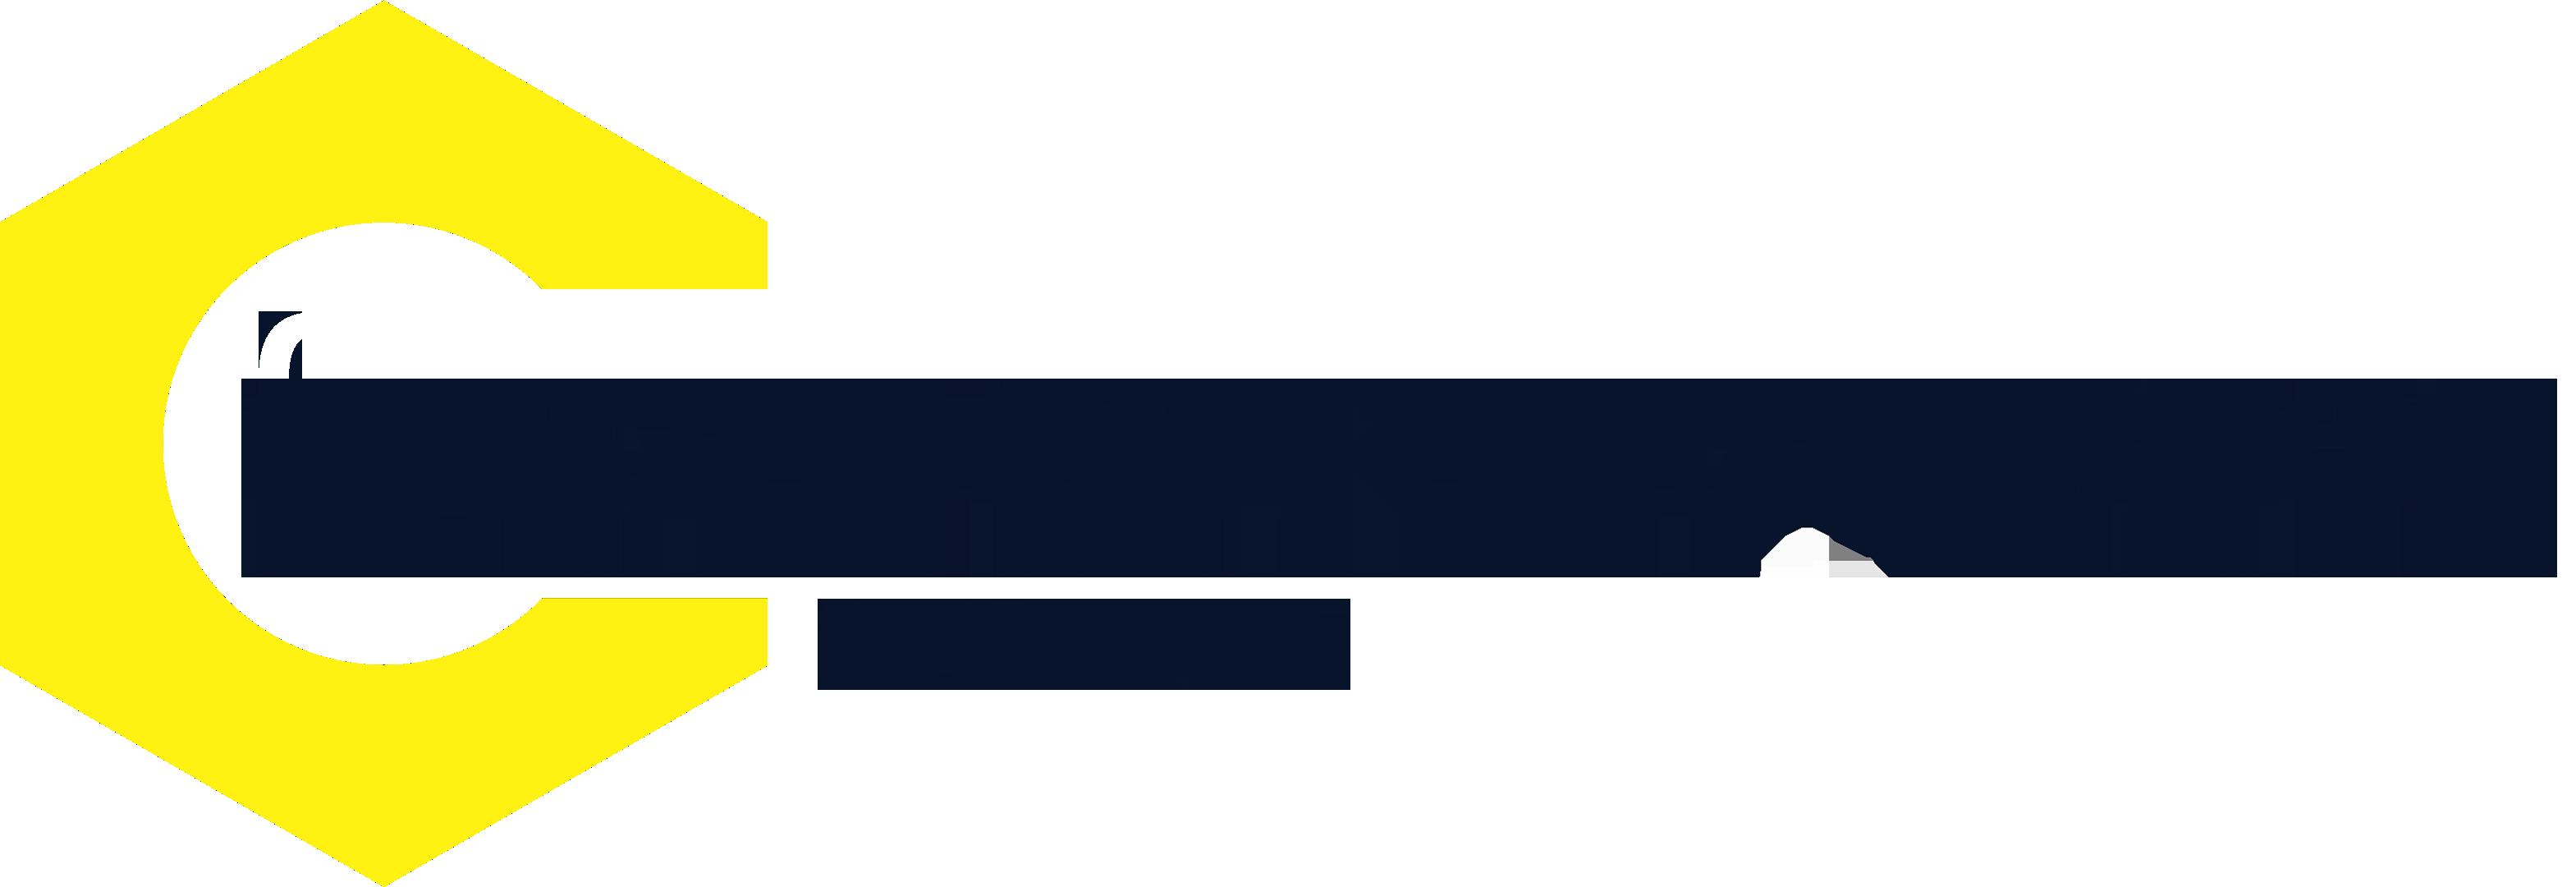 Casa dos Parafusos Franca